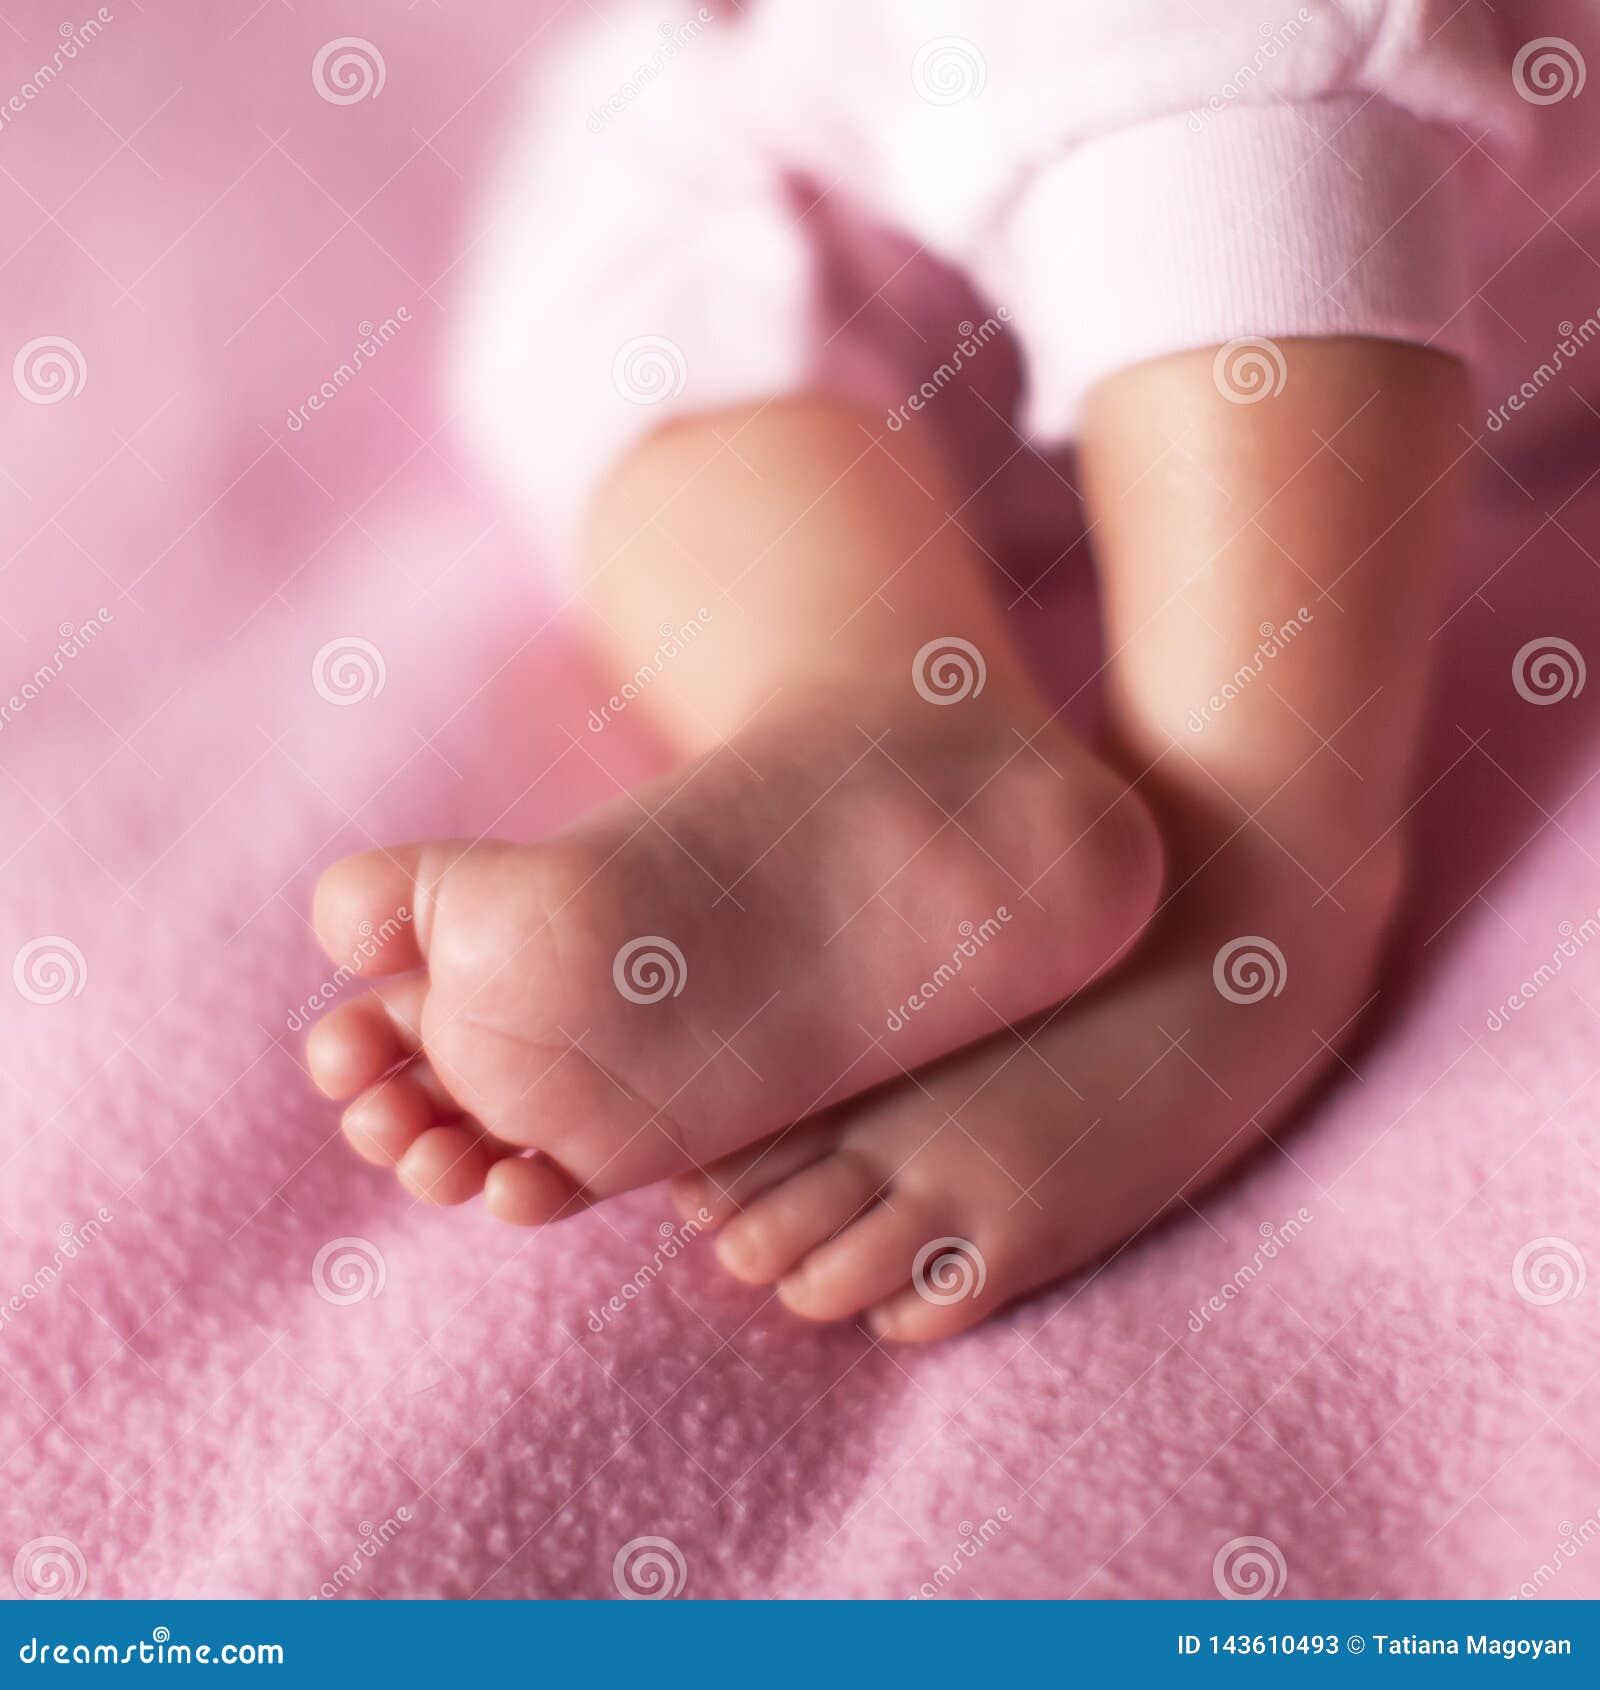 Piccolo gambe dolci della neonata su fondo rosa Concetto: bambini, paternit?, famiglia, doccia di bambino Formato quadrato per i